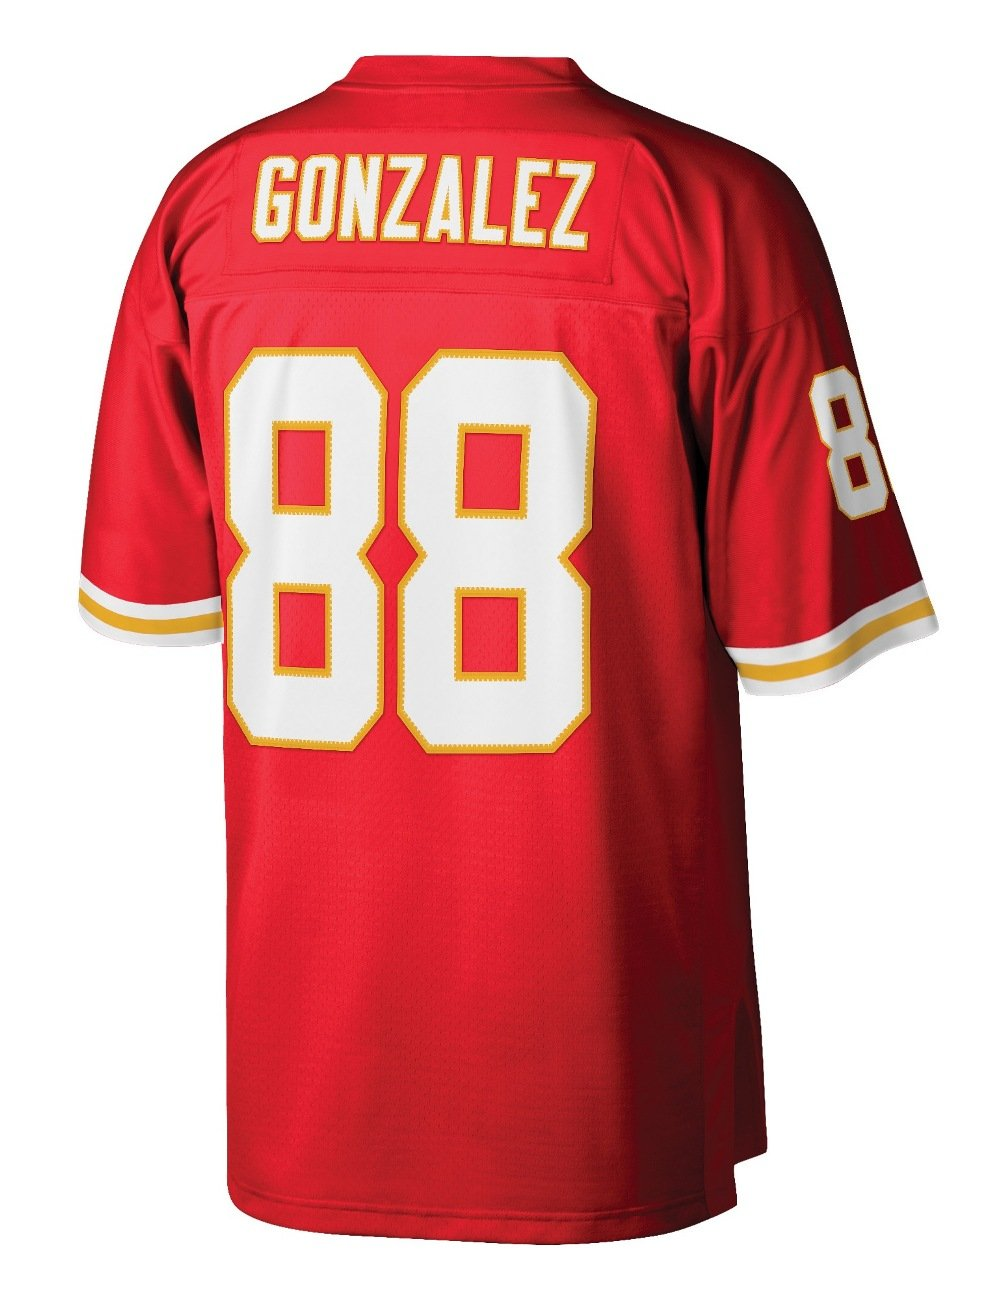 buy popular bf804 d00ab Mitchell & Ness Tony Gonzalez Kansas City Chiefs NFL Throwback Premier  Jersey